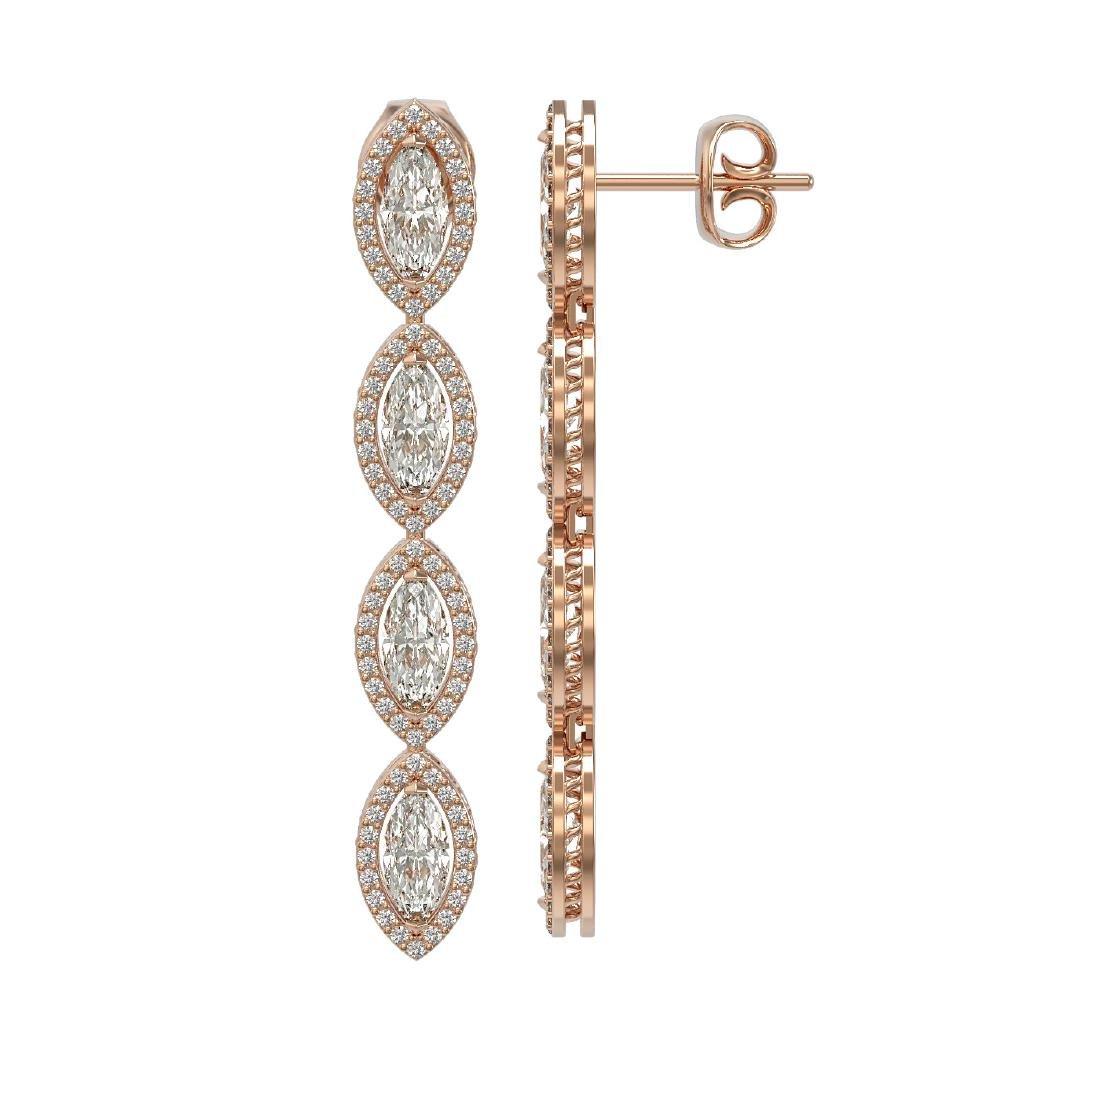 6.08 CTW Marquise Diamond Designer Earrings 18K Rose